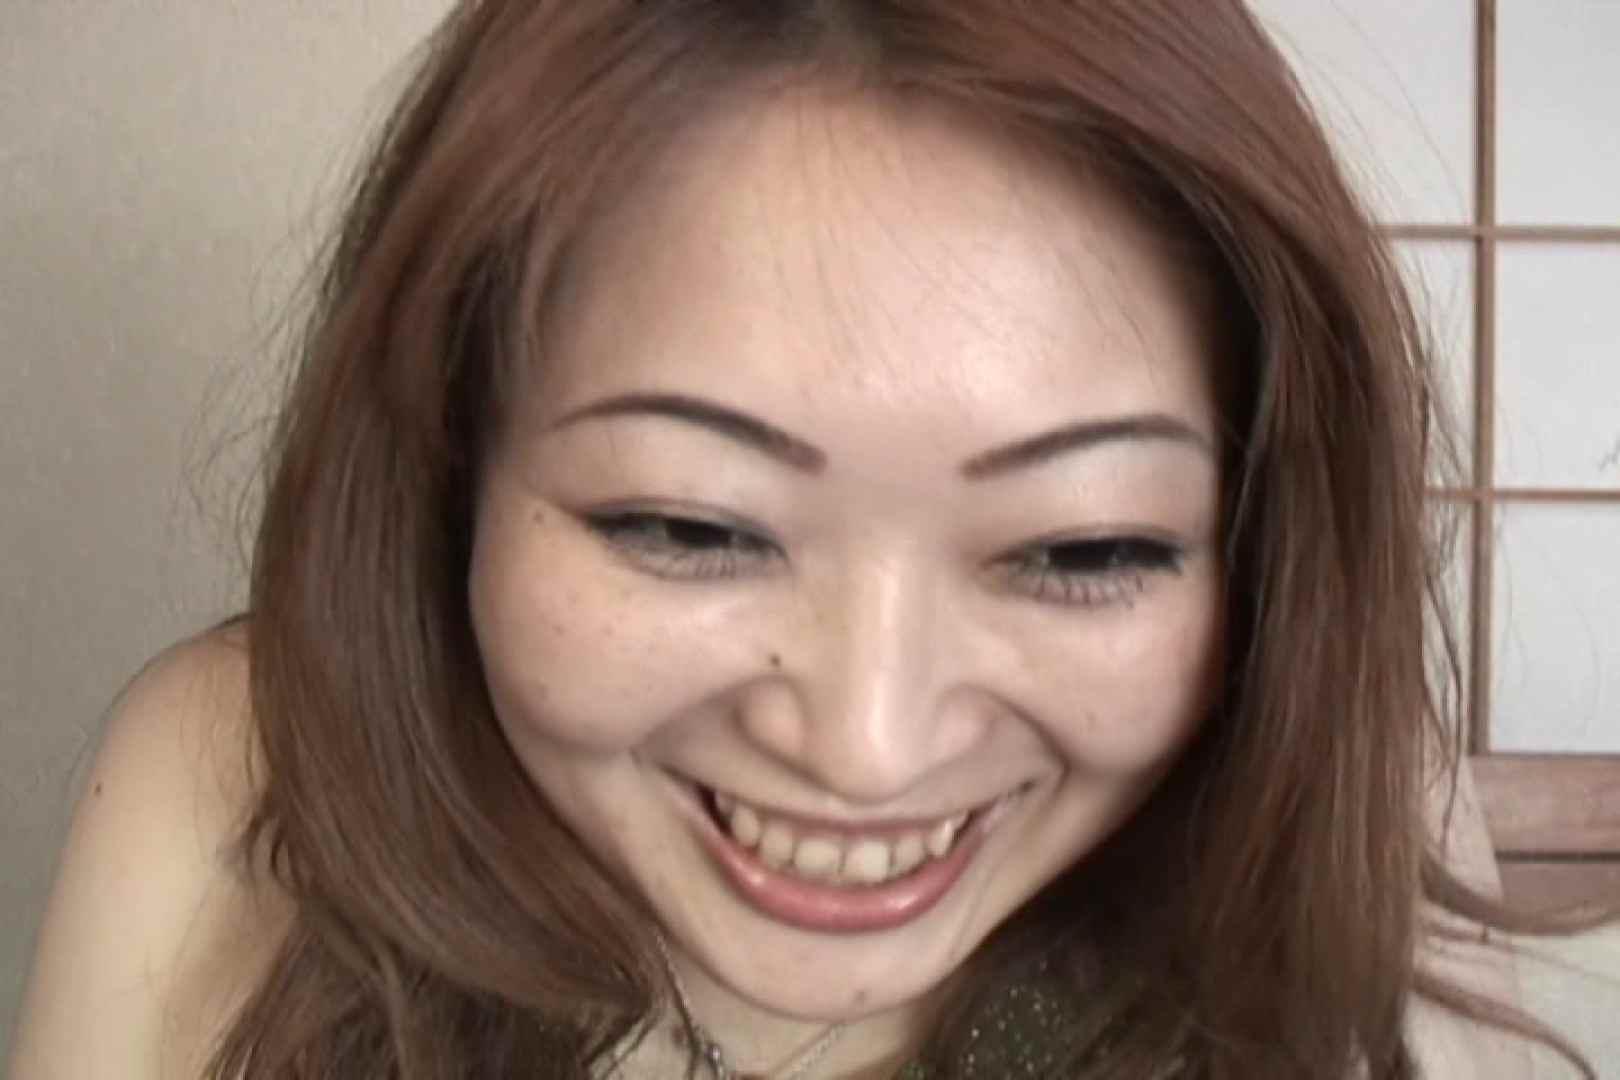 仕事で月200本のチンポを相手する22歳若人妻~桜井あい~ 人妻のエッチ  108pic 12